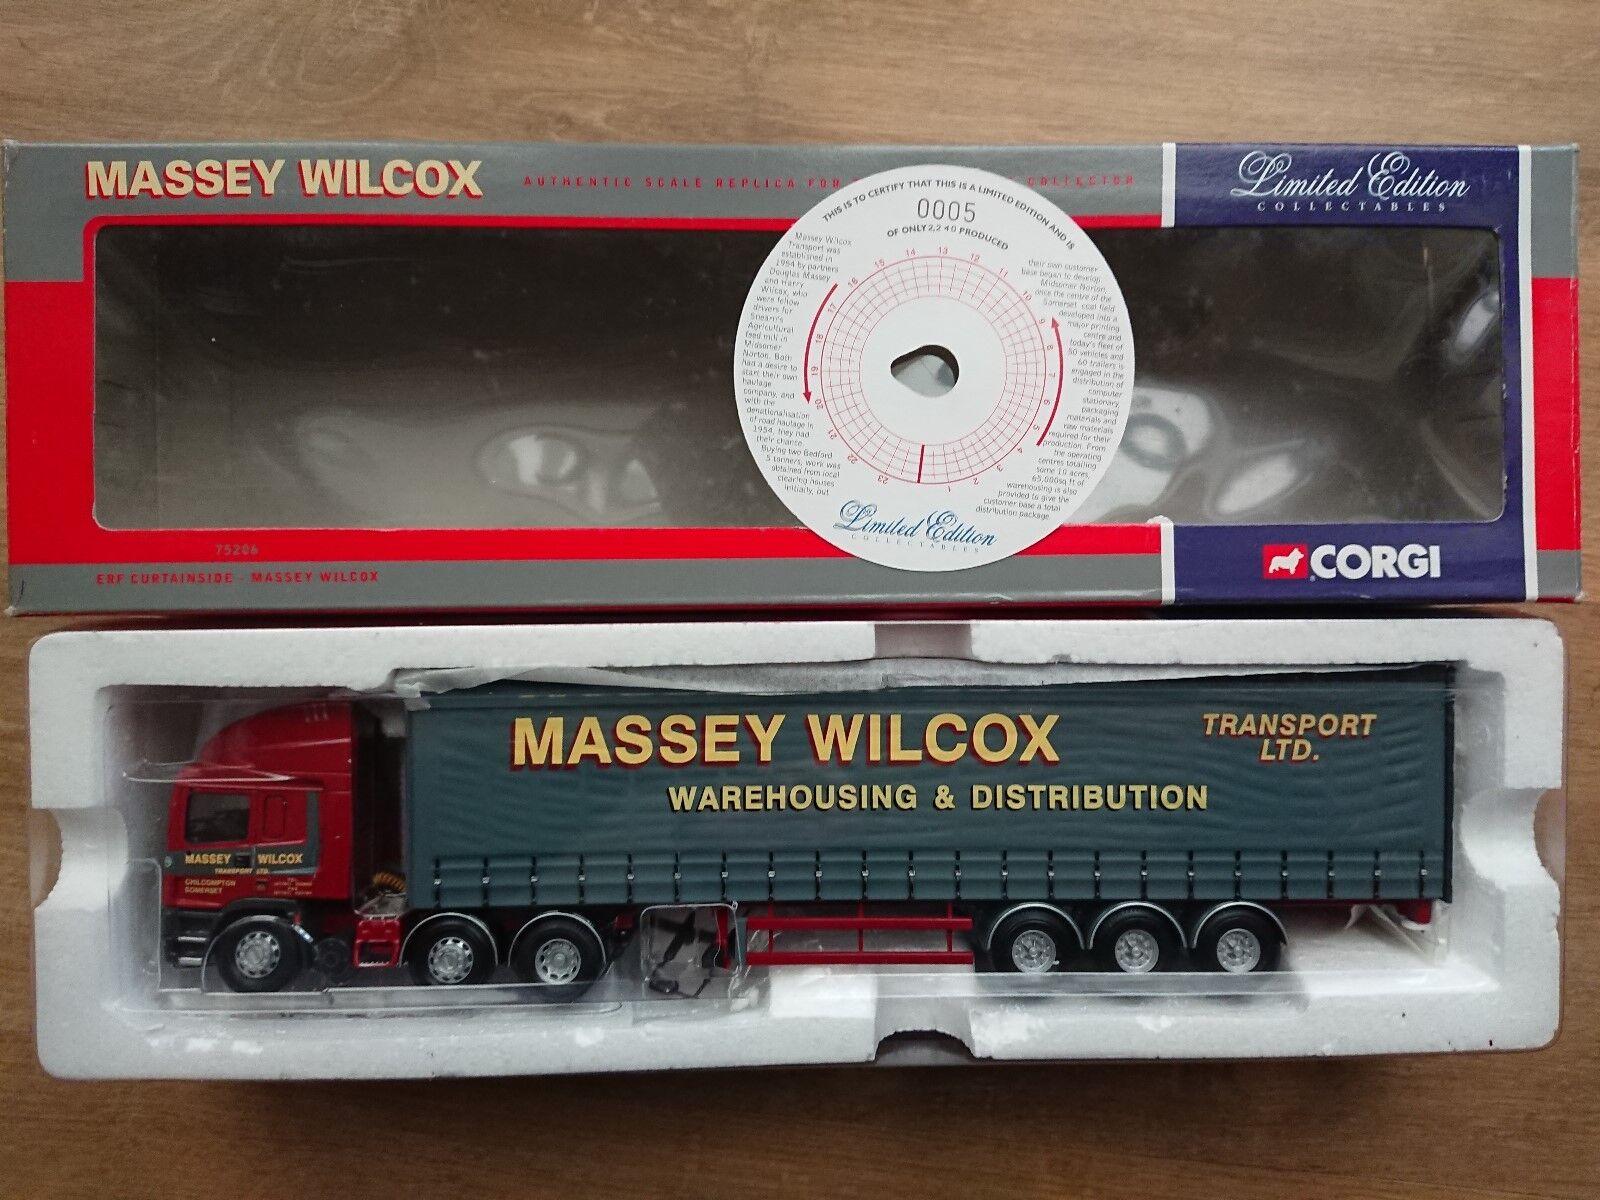 CORGI 75206 ERF CURTAINSIDE Massey Wilcox Ltd Edition N. 0005 del 2240